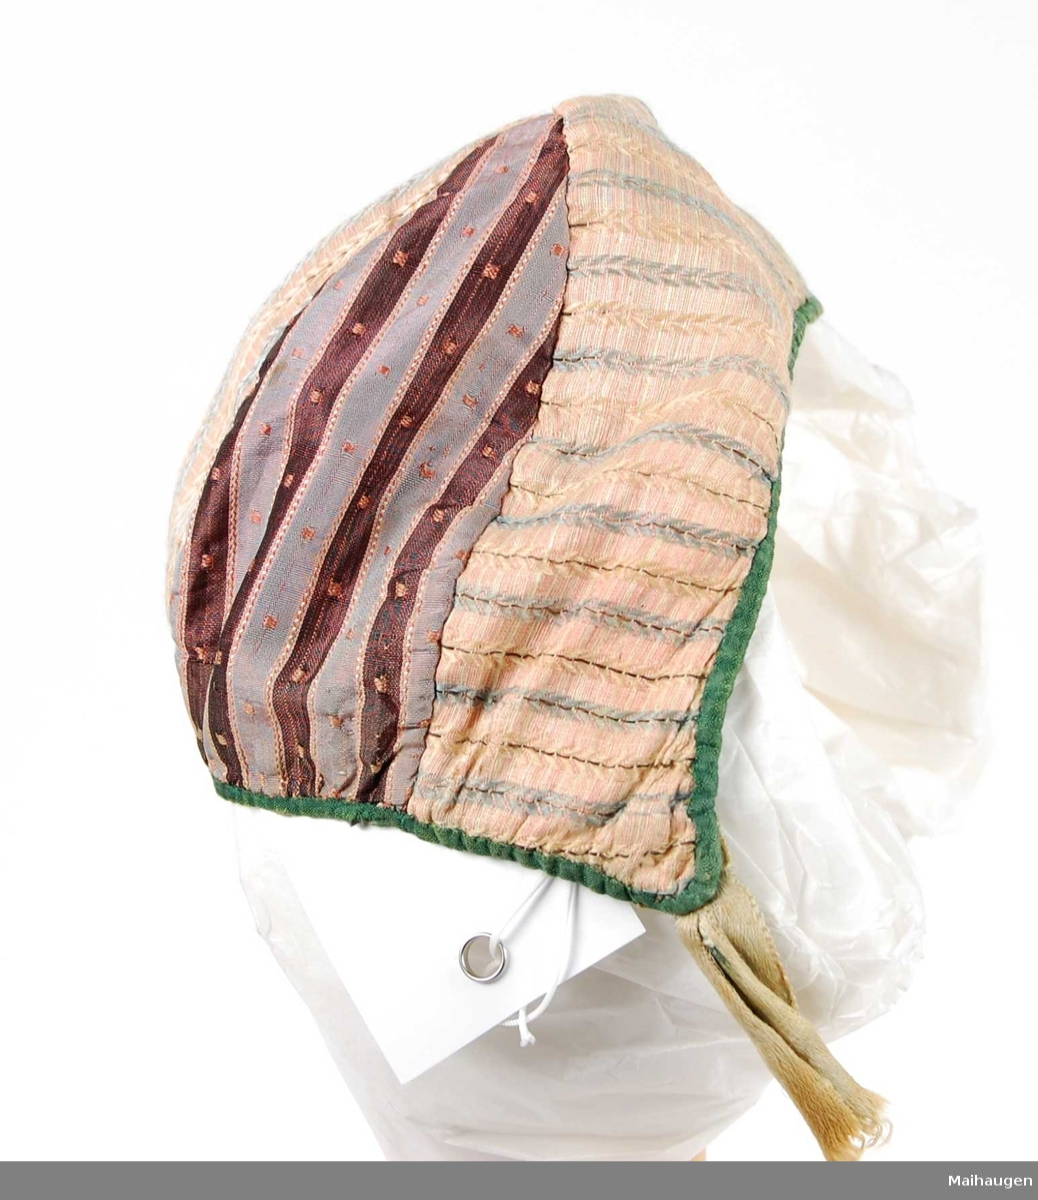 Lue i tre deler:  pannestykke med midtsøm, tre trekantete stykker søm møtes i en spiss på pannestykket. Sydd med spilesøm av stripete rosa, lysblått og gult silketøy. Midtre nakkestykke er av samme tøy. To partier i smalstripet rips i brunt, gråfiolett med rosa prikker. Kantet med grønt silketøy. Fór av grov bomull. Rester av knyttebånd.